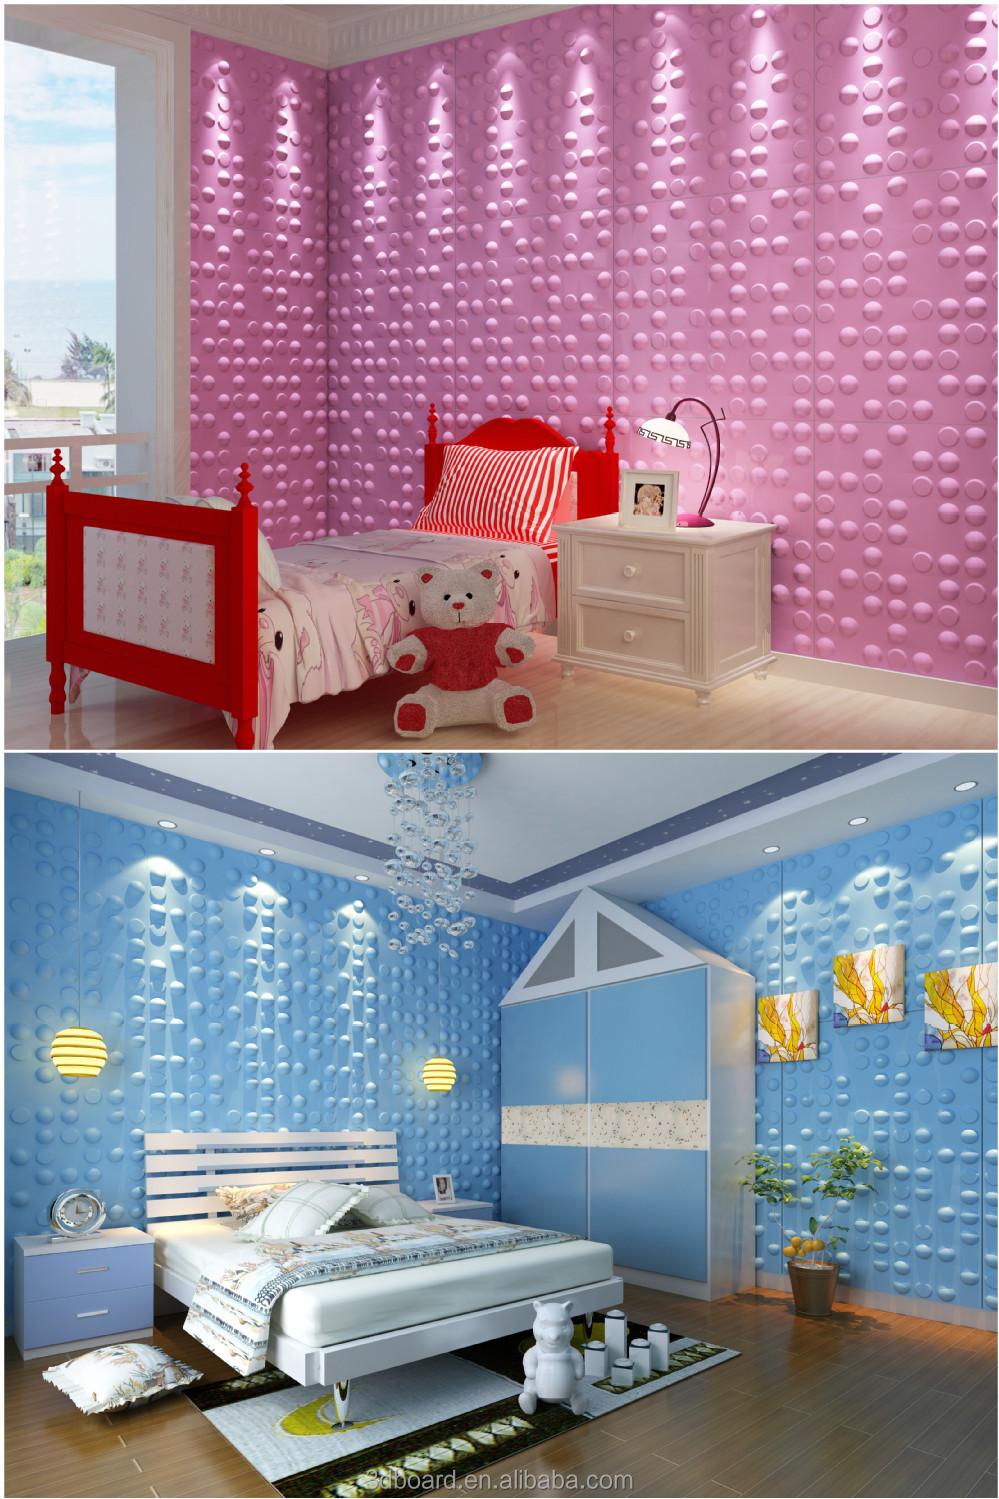 Modern Wall Art Decor Interior 3d Effect Wall Panels For ...